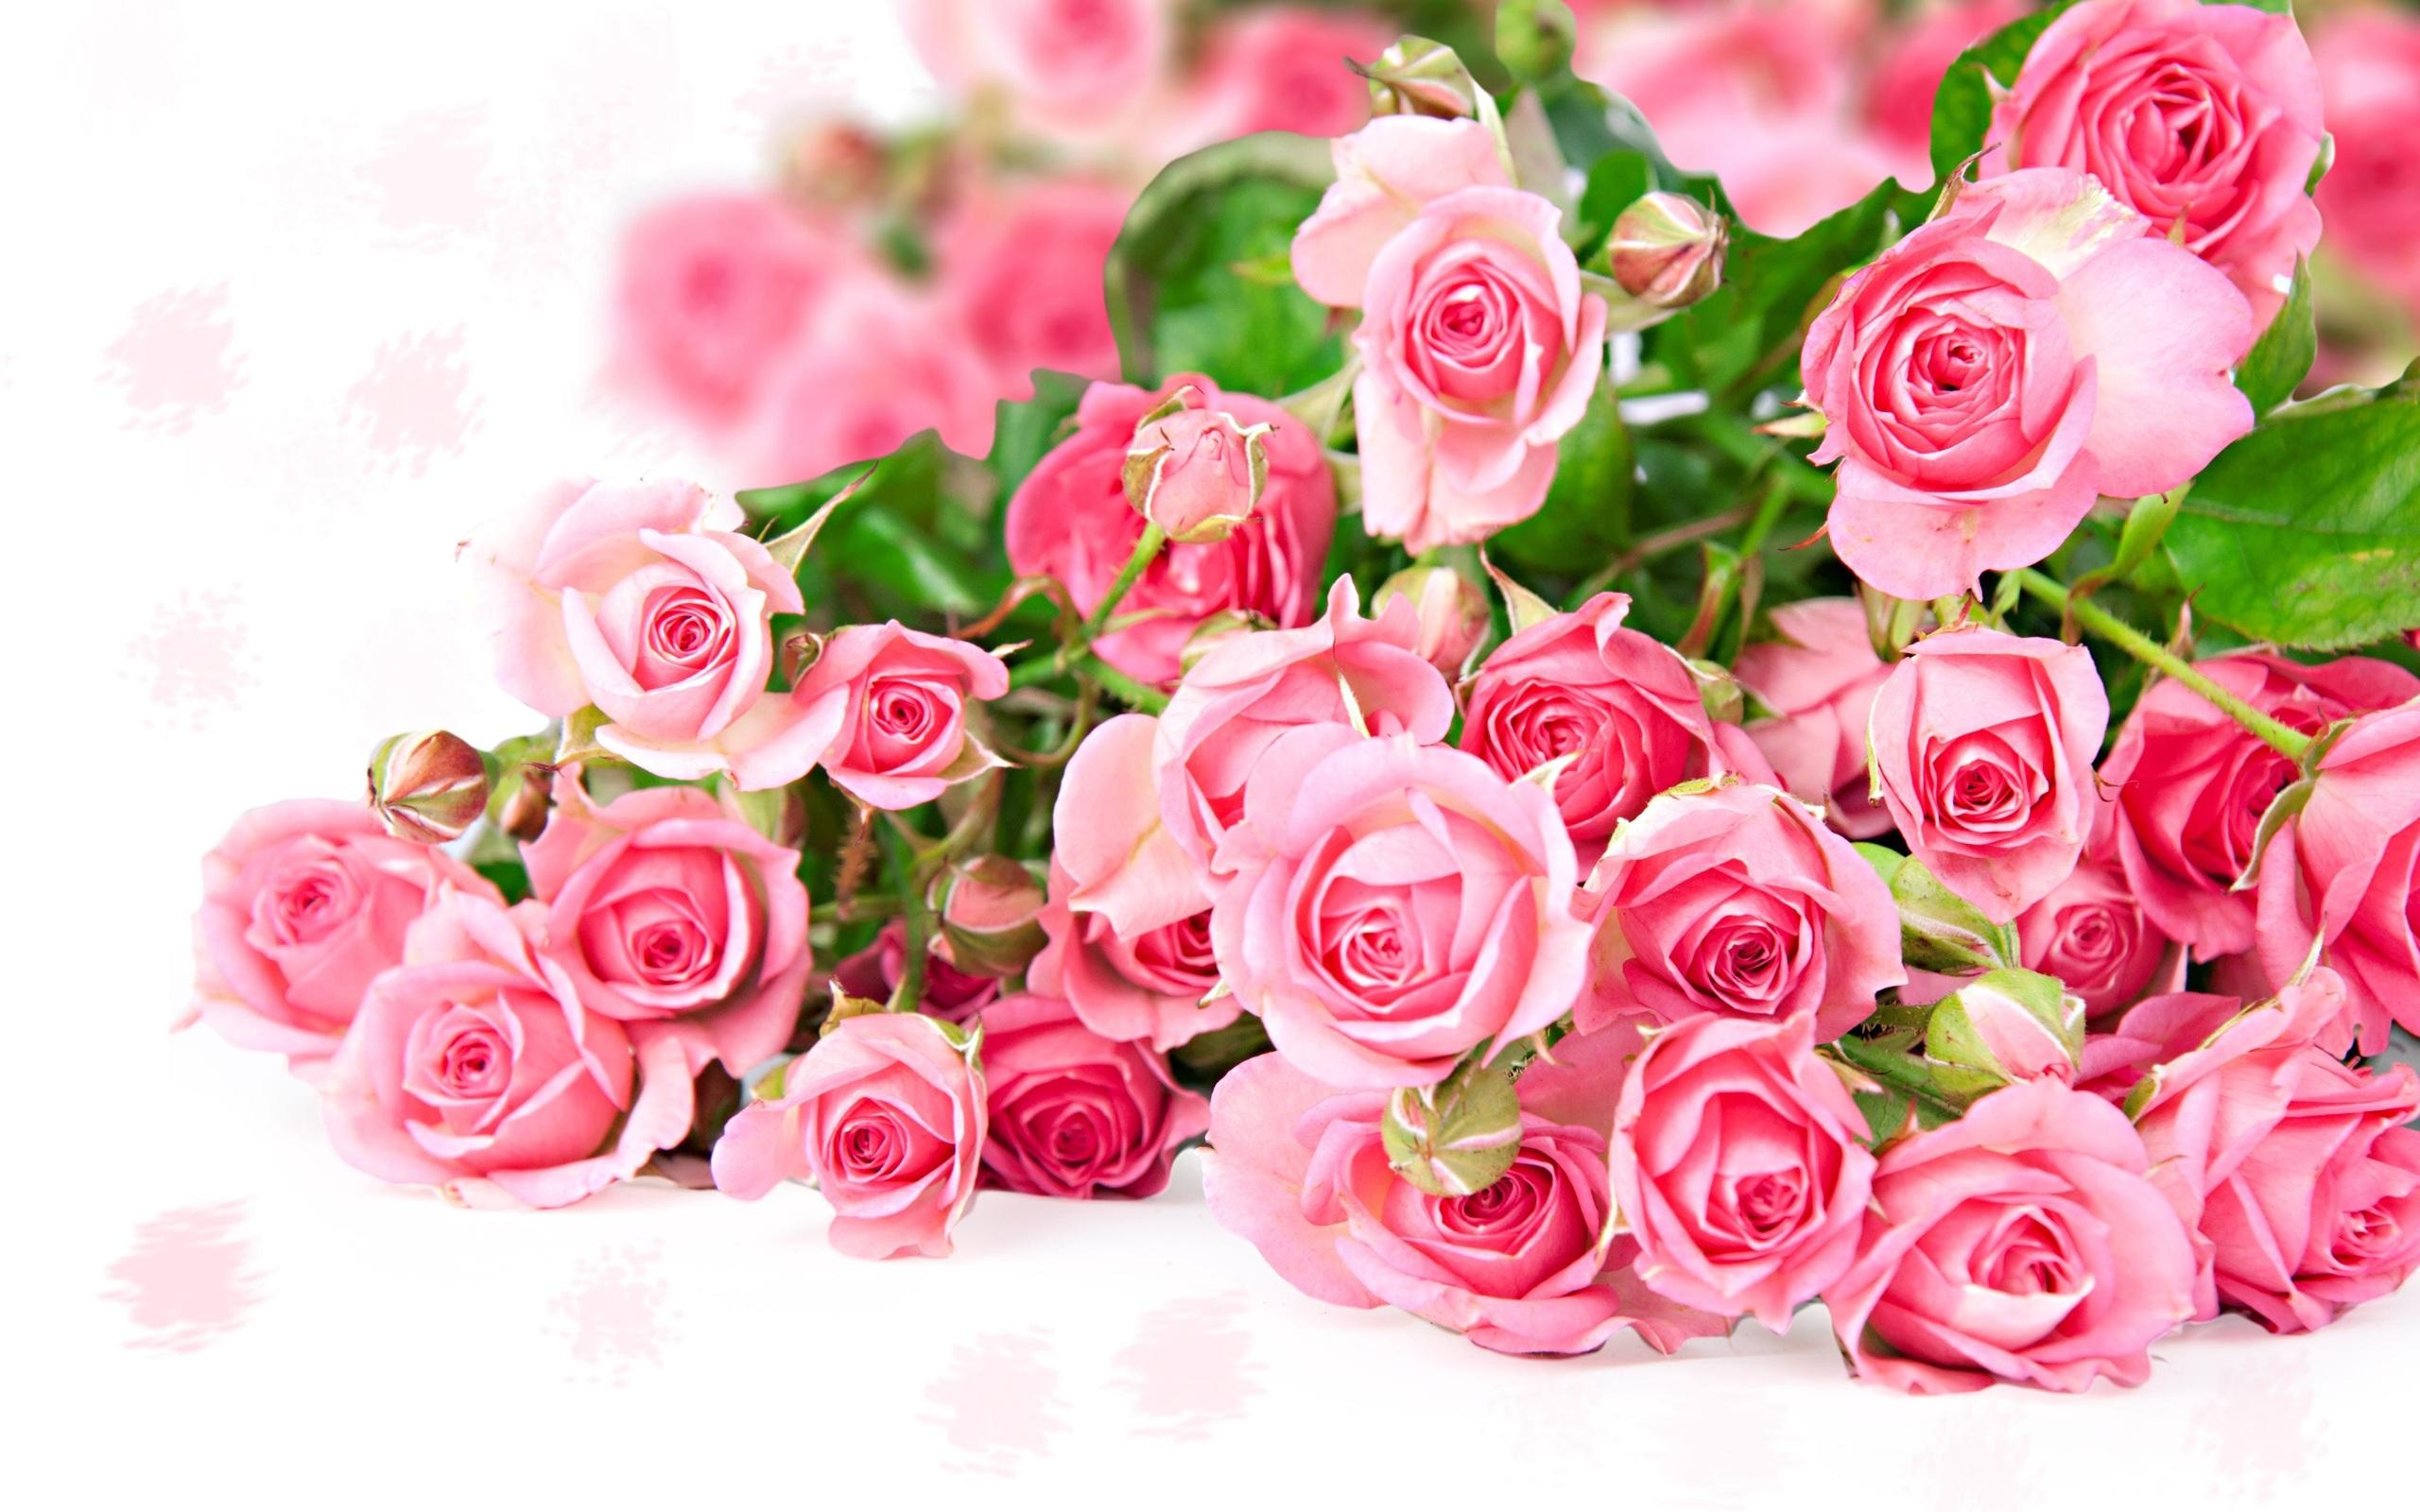 Wallpaper Pink Rose Flower Bouquet Romantic Color 2560x1600 Hd